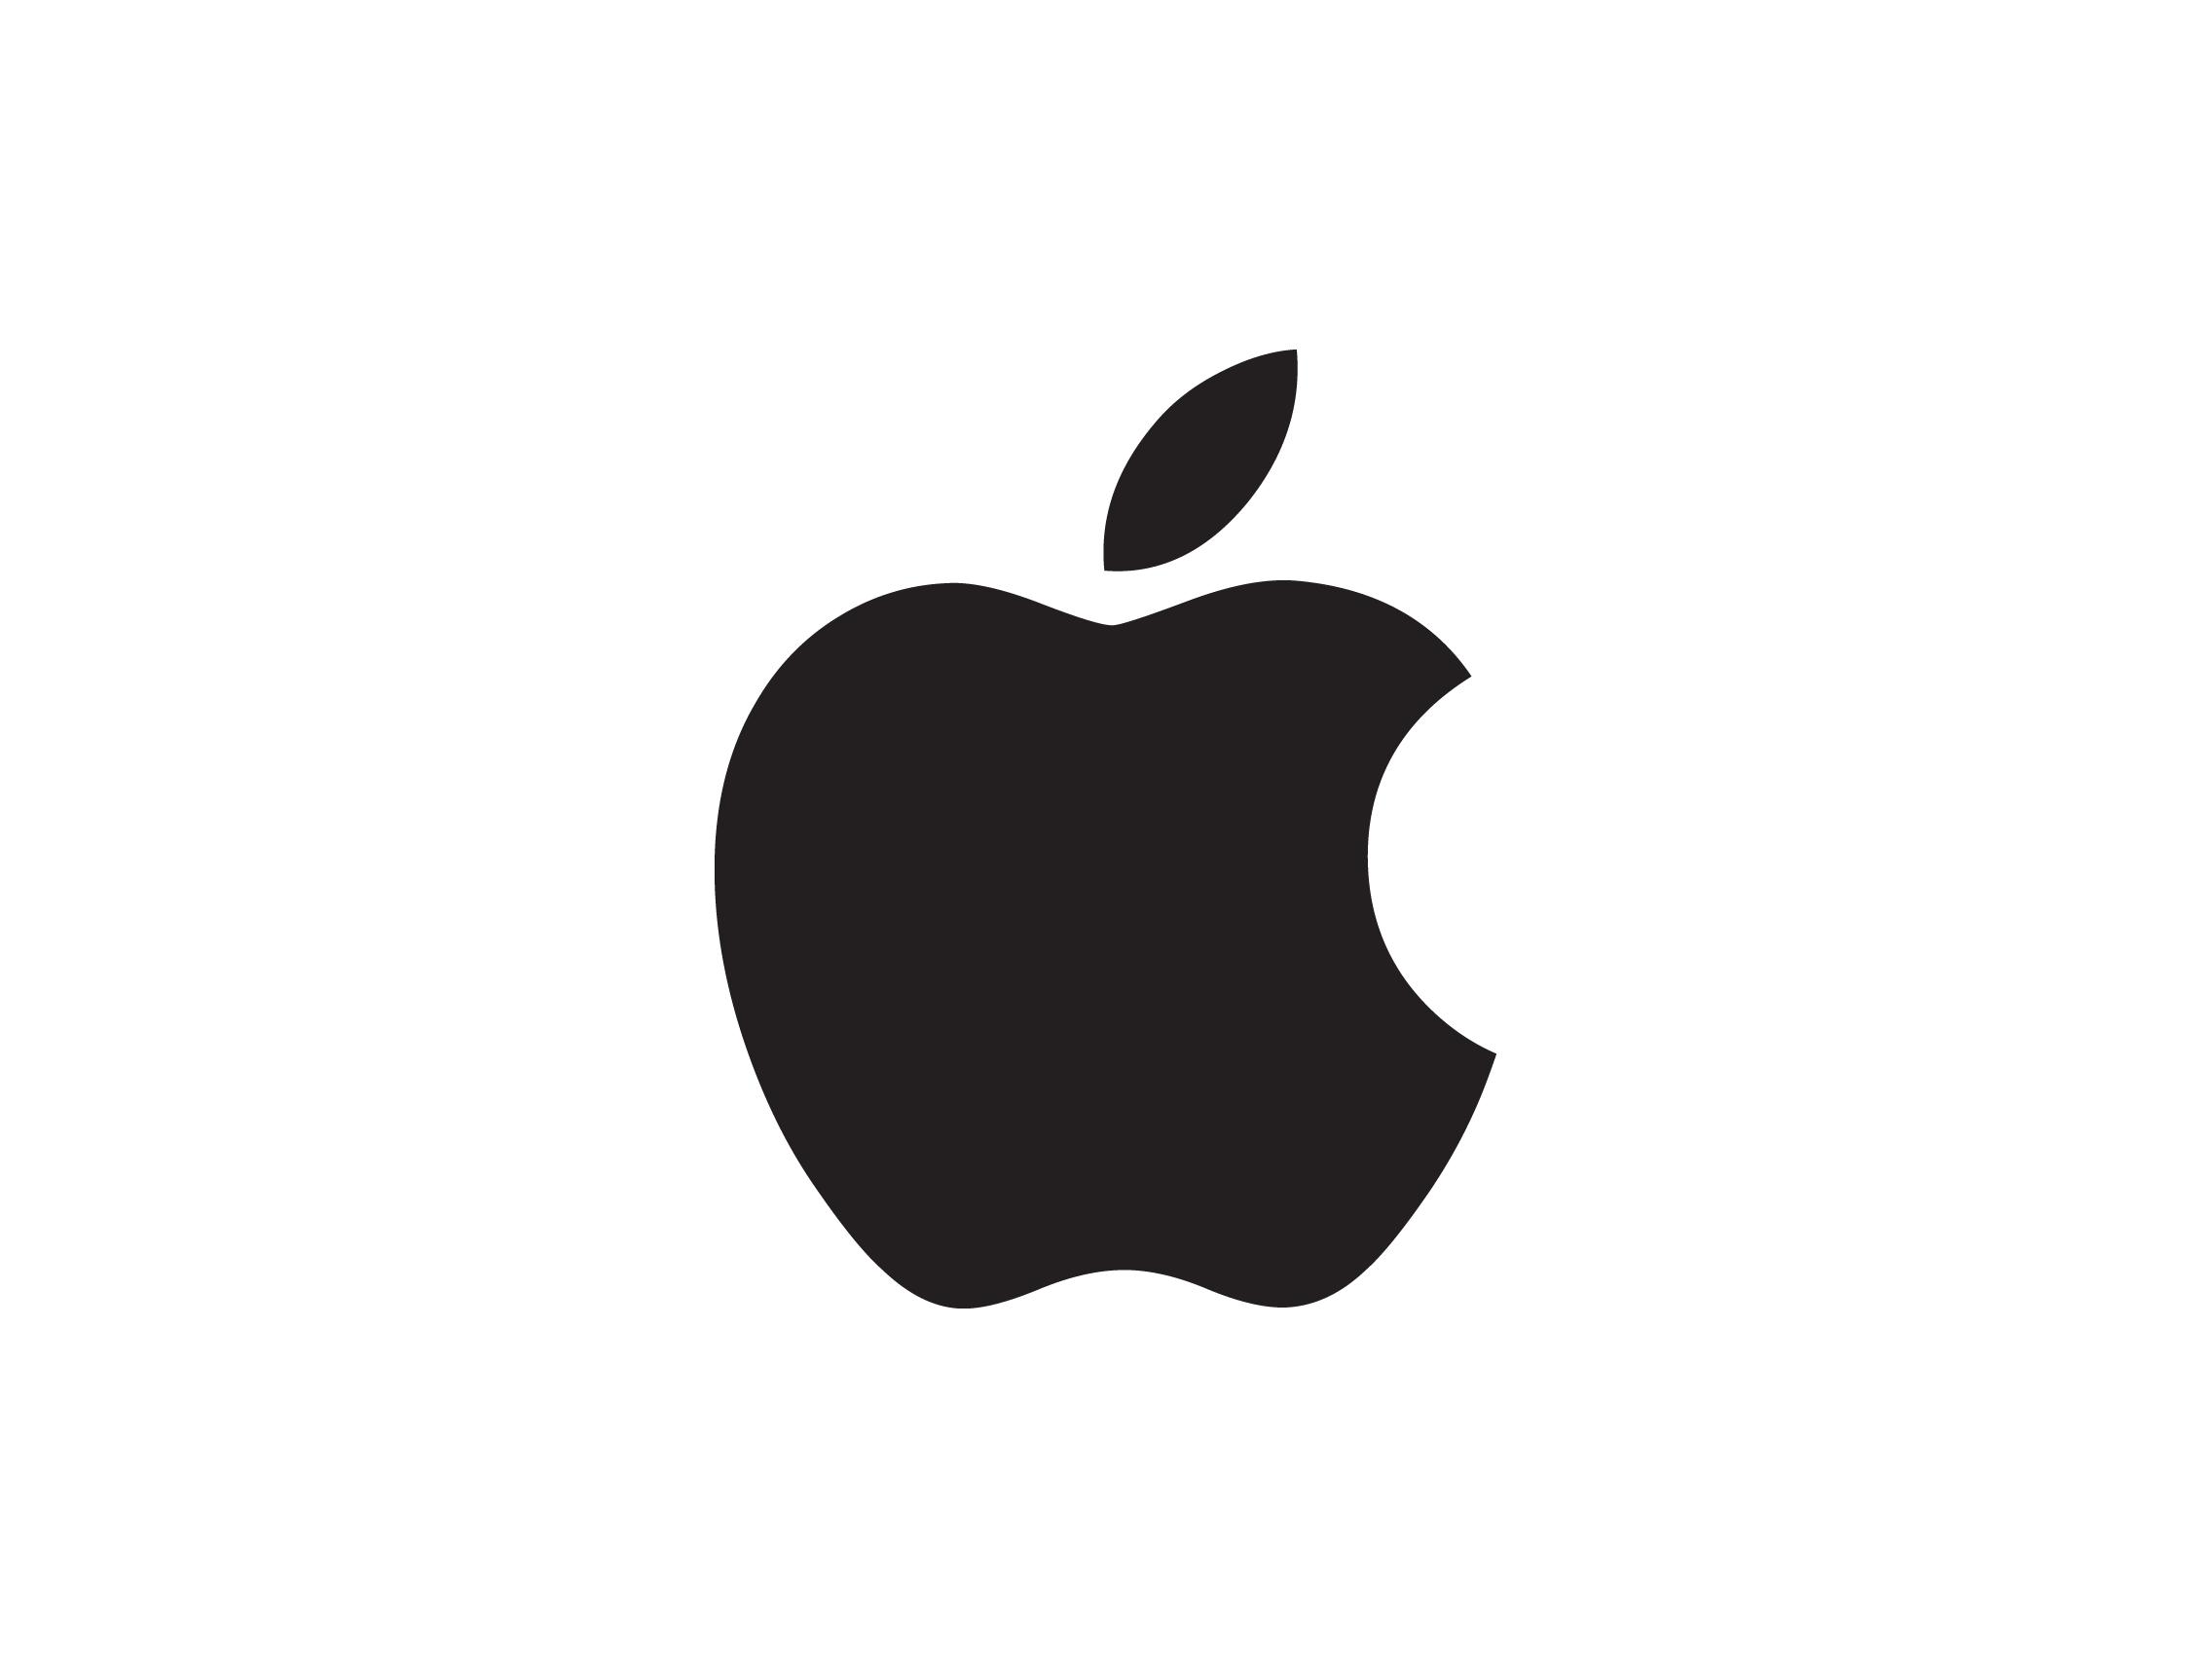 四个苹果图片素材